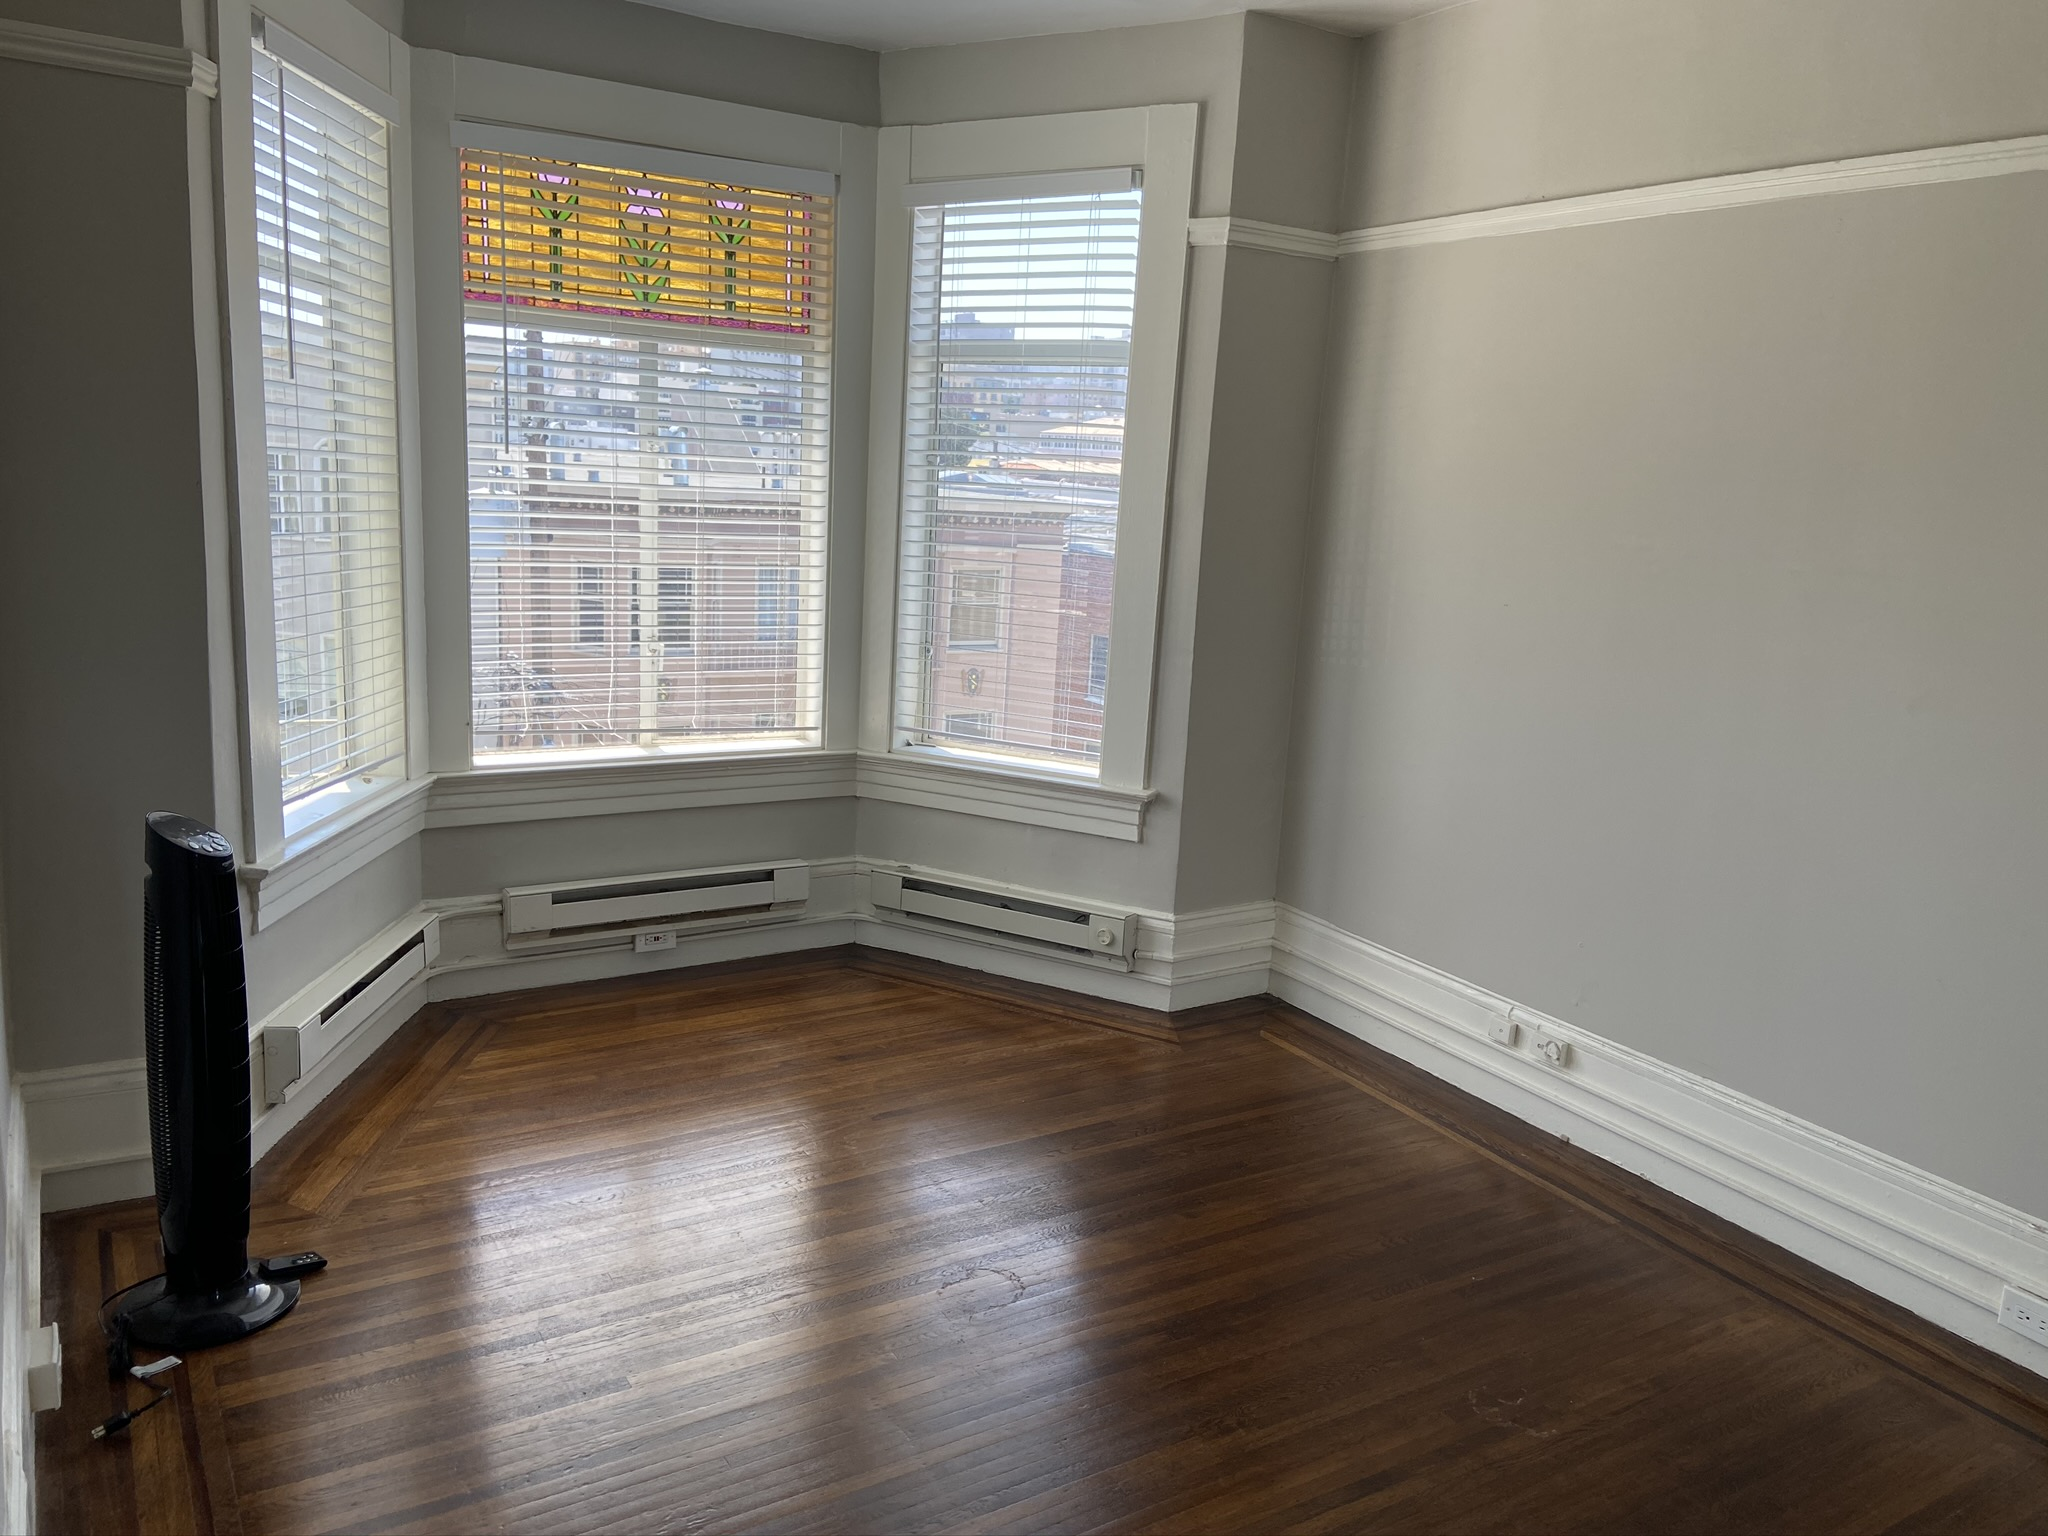 1360.11 Bedroom Windows